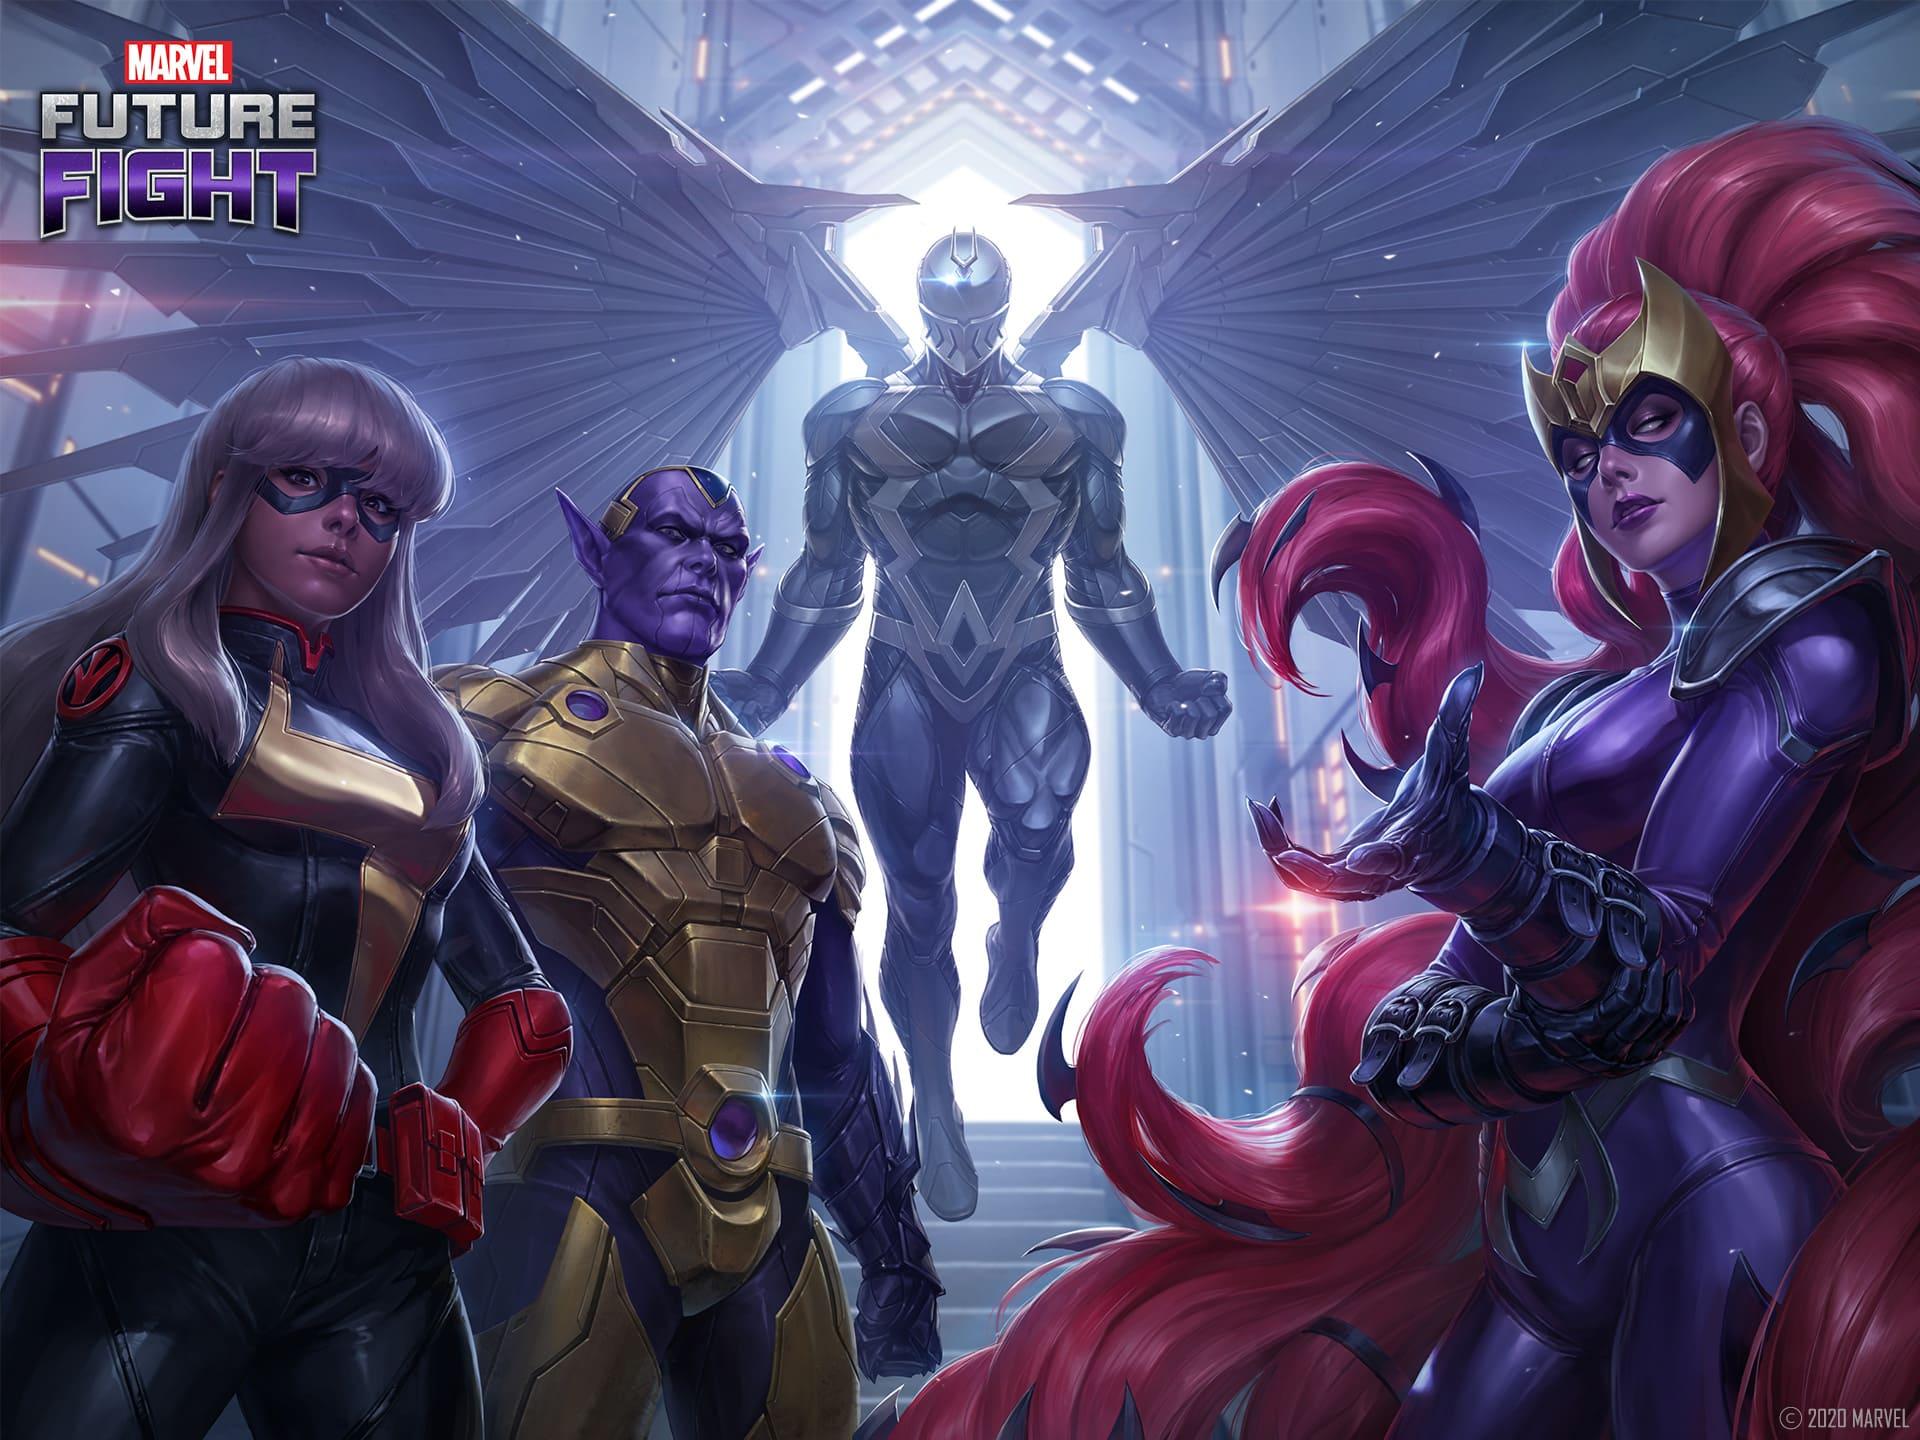 爭奪至尊地位! 《MARVEL未來之戰》推出「異人族vs X戰警」更新